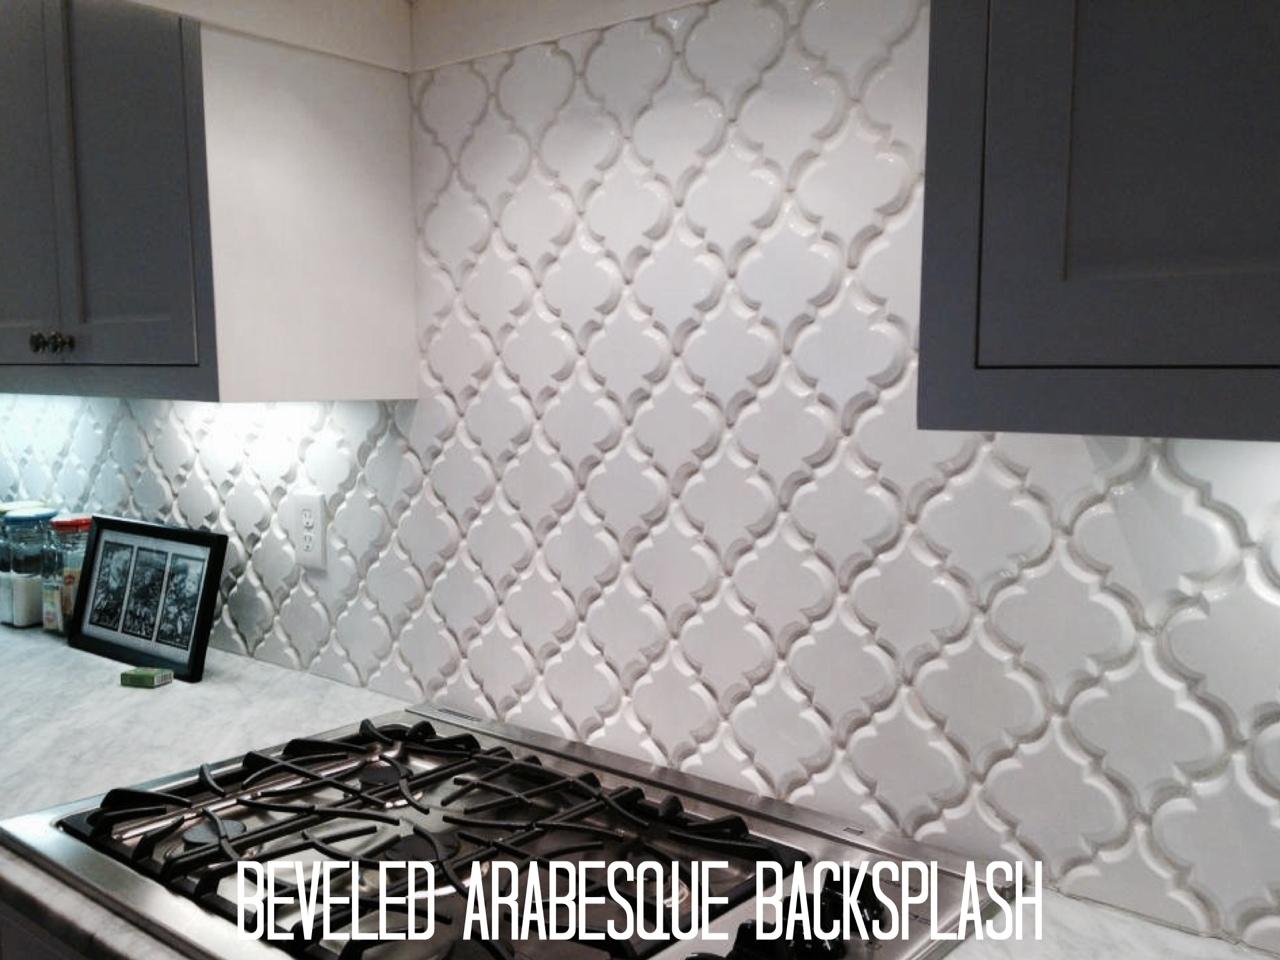 installing mosaic tile backsplash diy mosaic glass tile backsplash installing glass tile backsplash kitchen tos diy